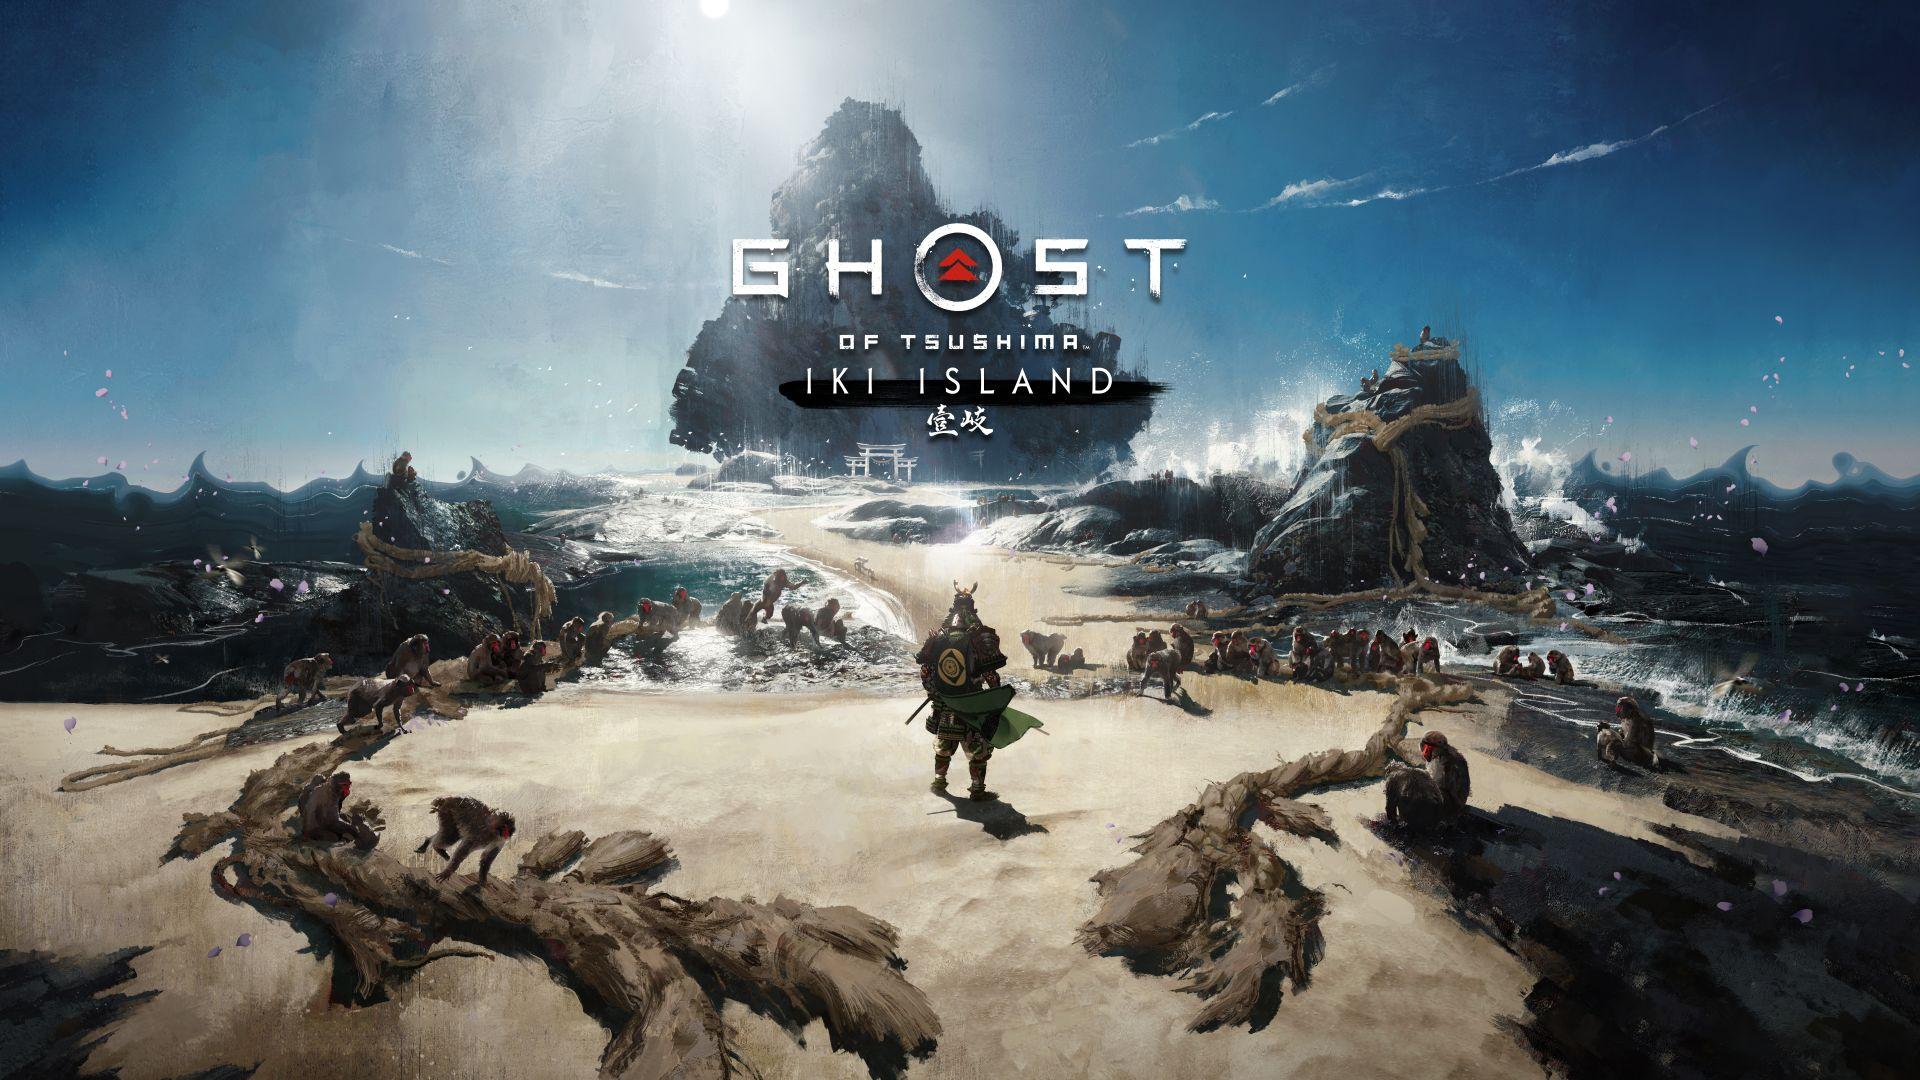 เปิดตัวอย่างใหม่จากเกม Ghost of Tsushima เวอร์ชั่น Director's Cut โชว์ให้เห็นเรื่องราวใหม่บนเกาะ Iki